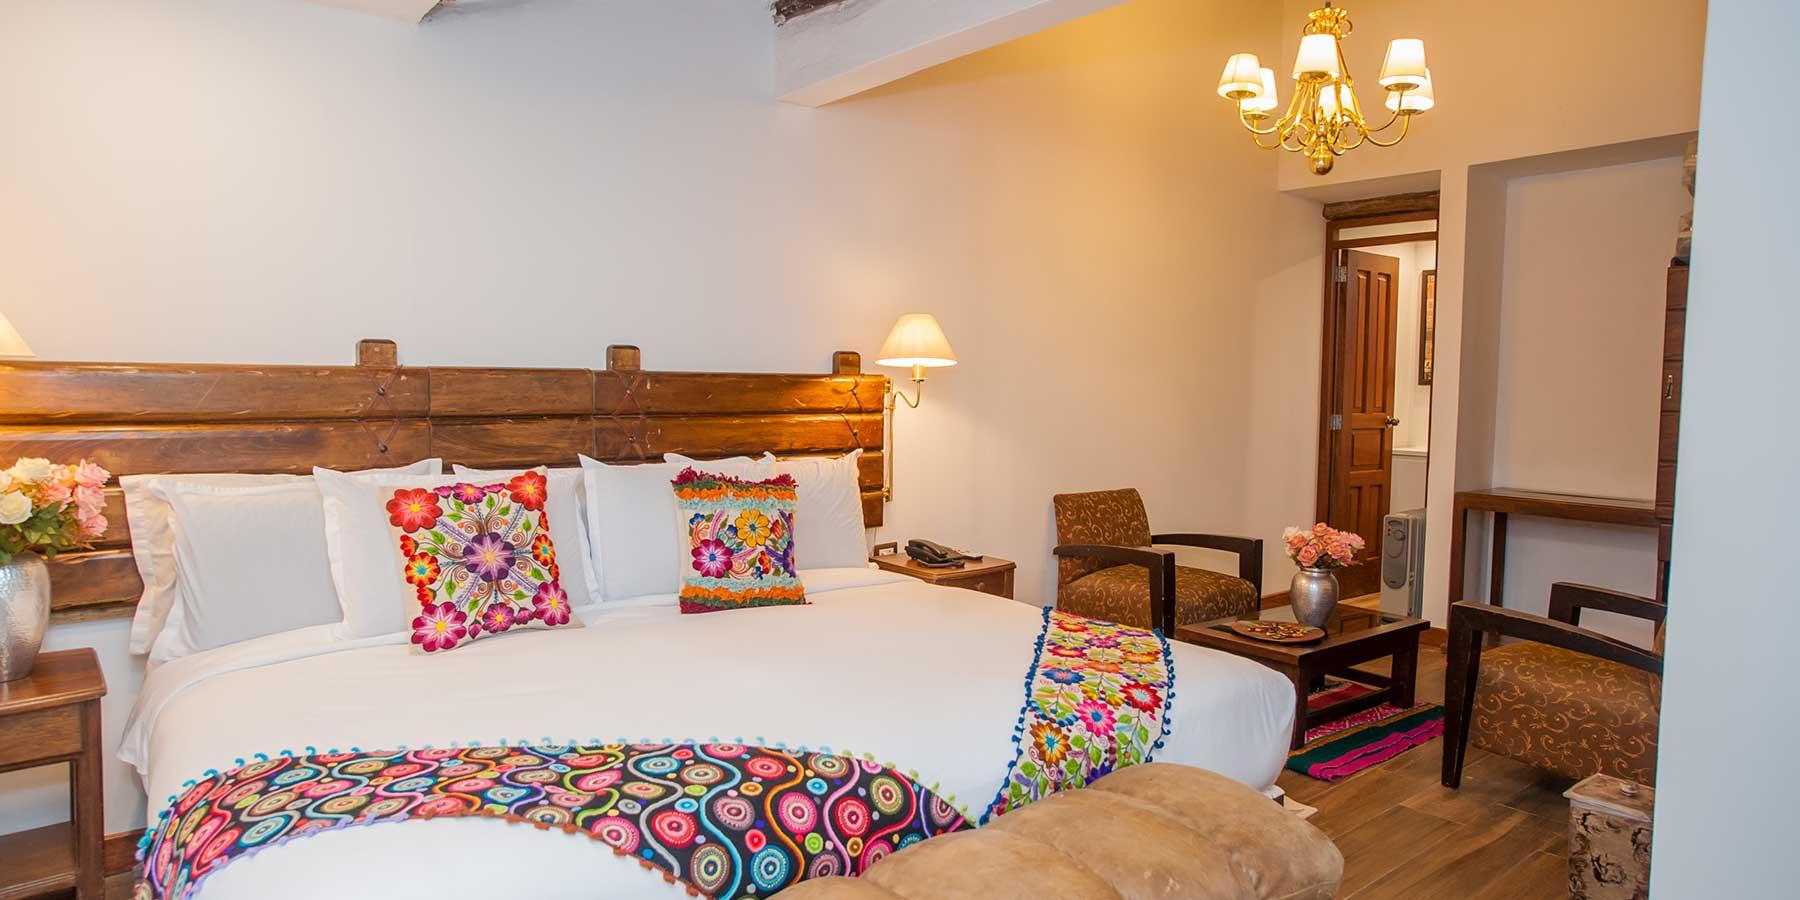 hotel la cabana machu picchu peru cusco (8)